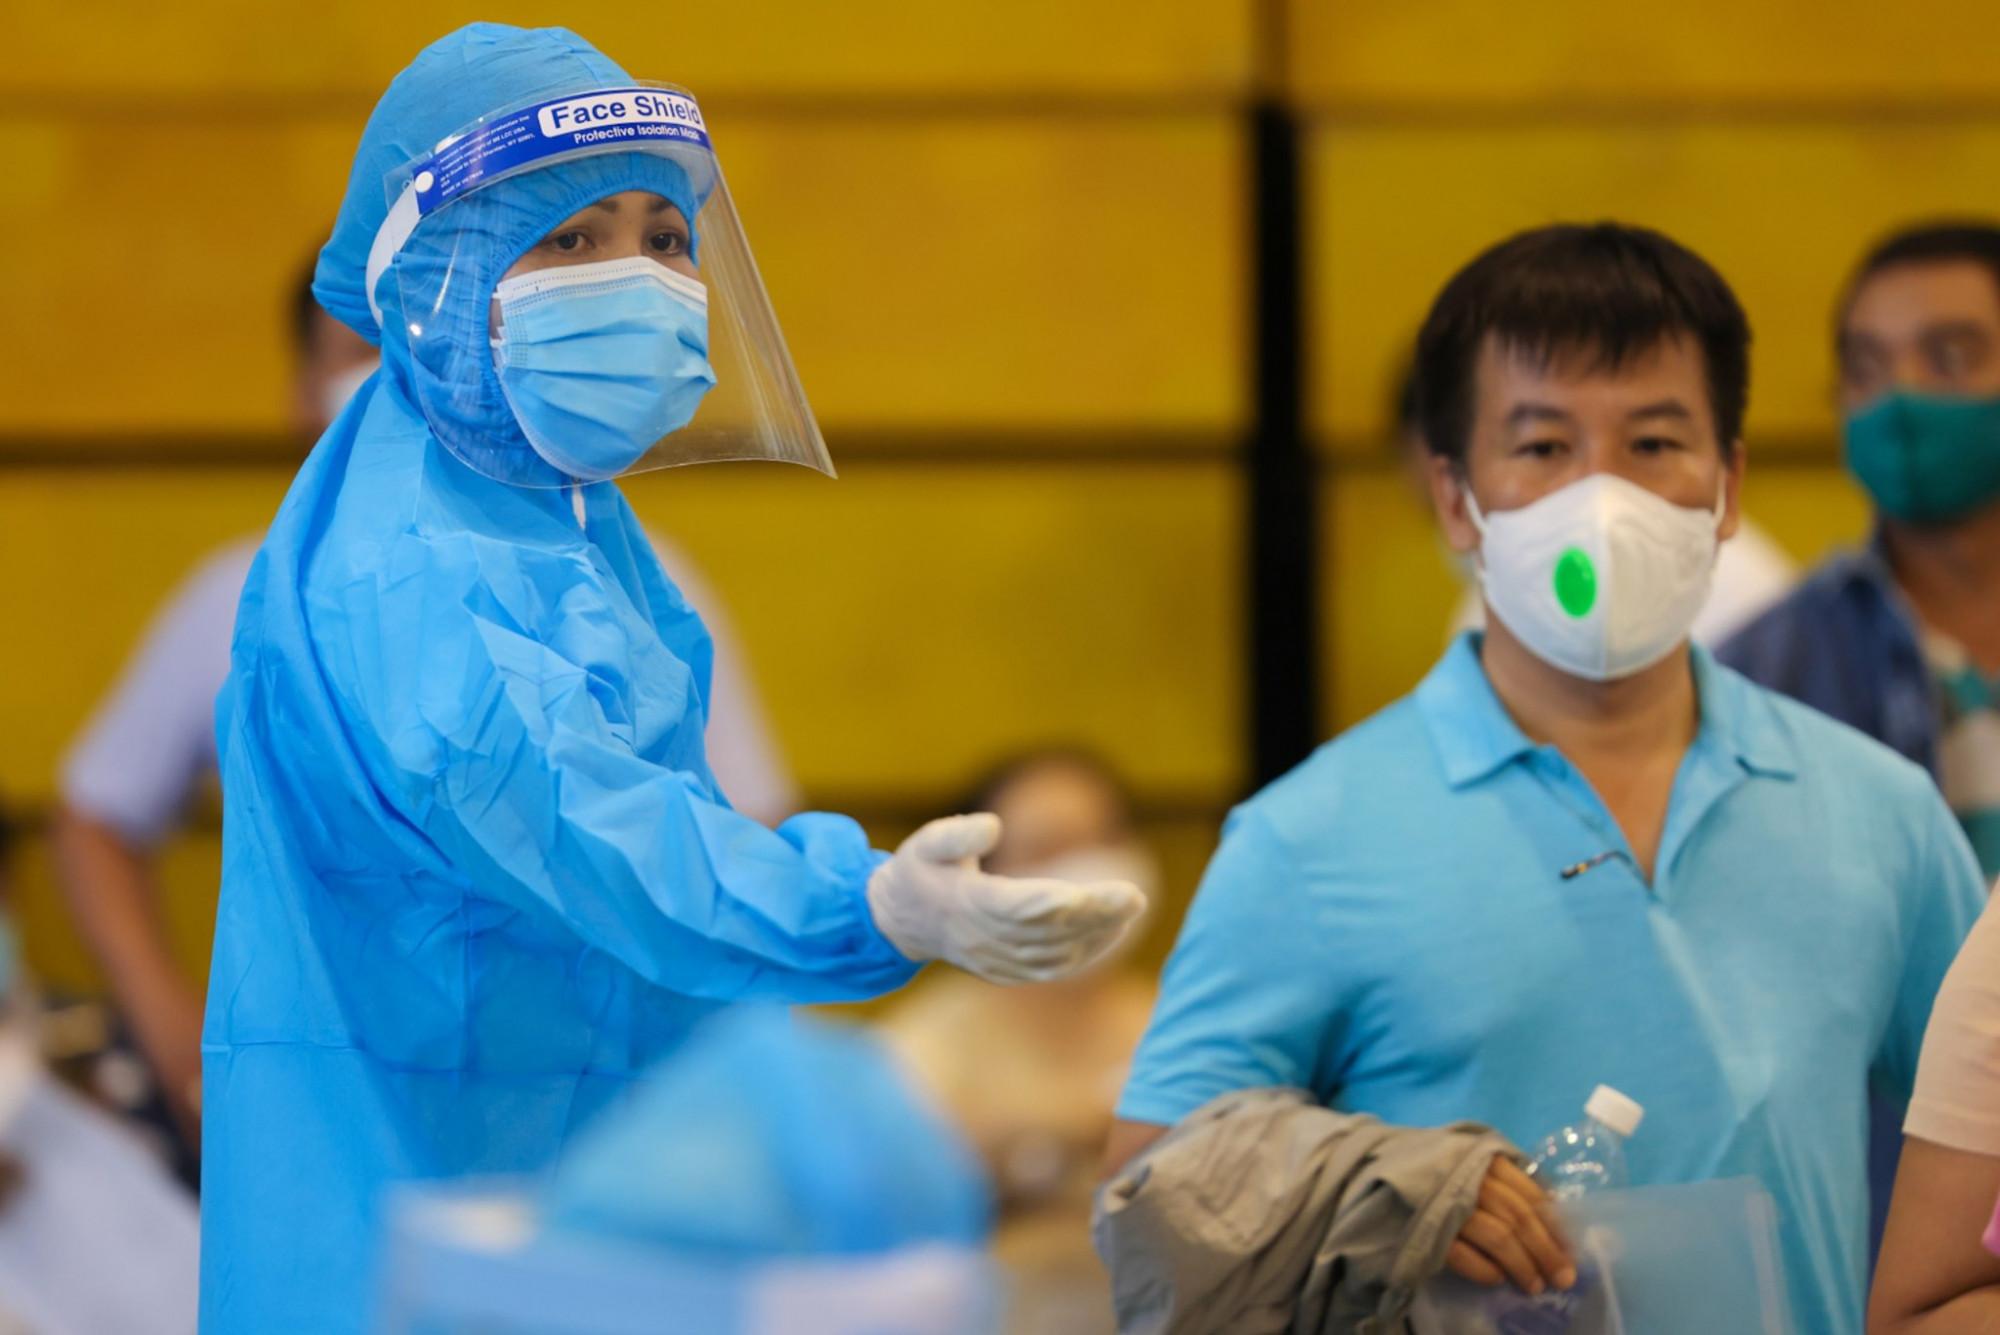 Hoa hậu Hoàn vũ Việt Nam 2017 H'Hen Niê hướng dẫn người dân khi đến tiêm vắc-xin tại nhà thi đấu Phú Thọ. Trước đó, cô cũng cùng một số nghệ sĩ đến dọn dẹp ký túc xá, thăm hỏi tuyến đầu chống dịch tại ký túc xá ĐHQG TPHCM (TP Thủ Đức).